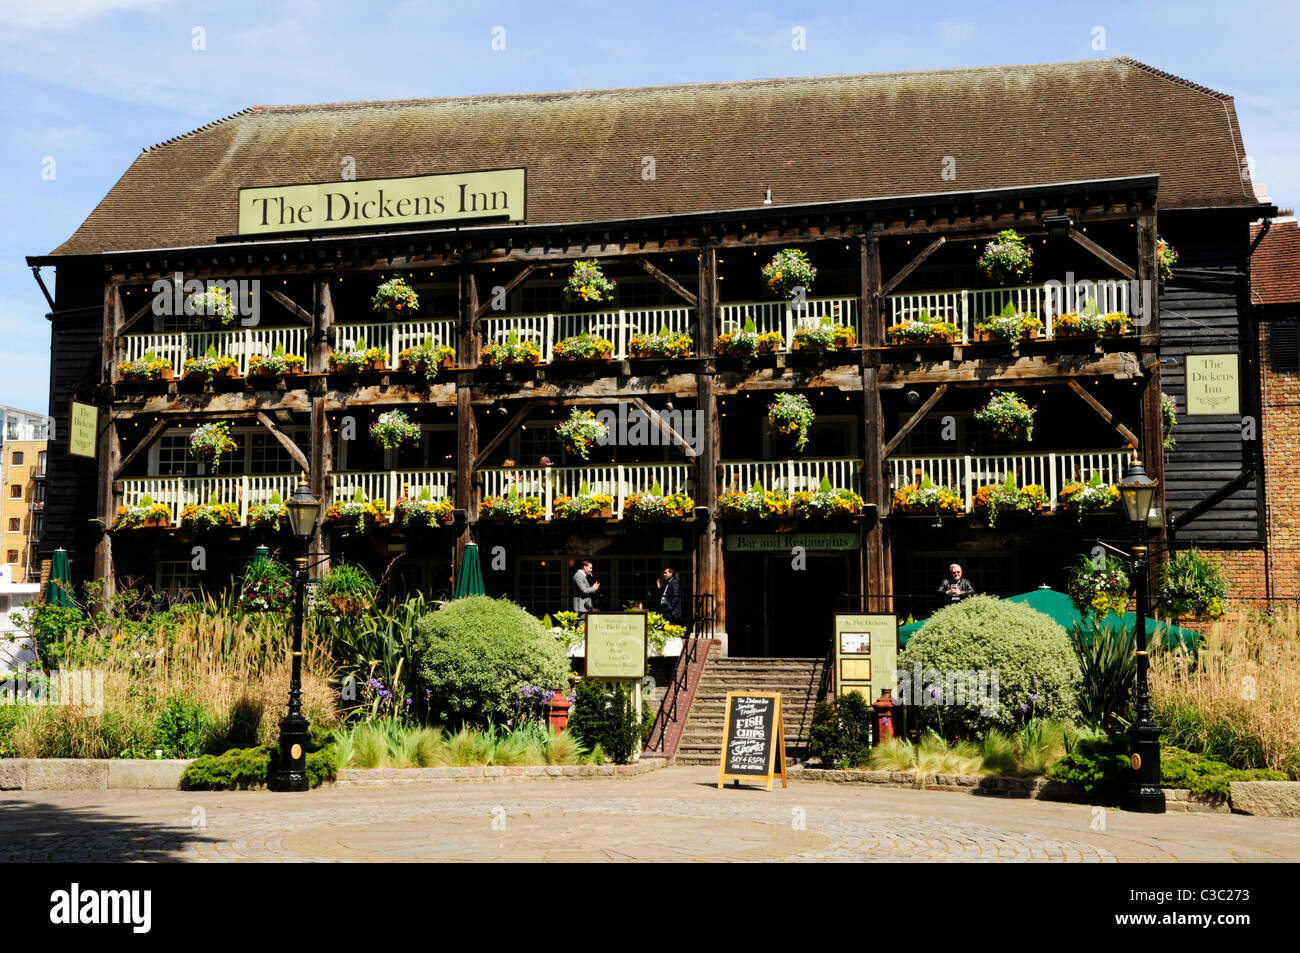 The Dickens Inn, St Katharine's Dock, London, England, UK - Stock Image